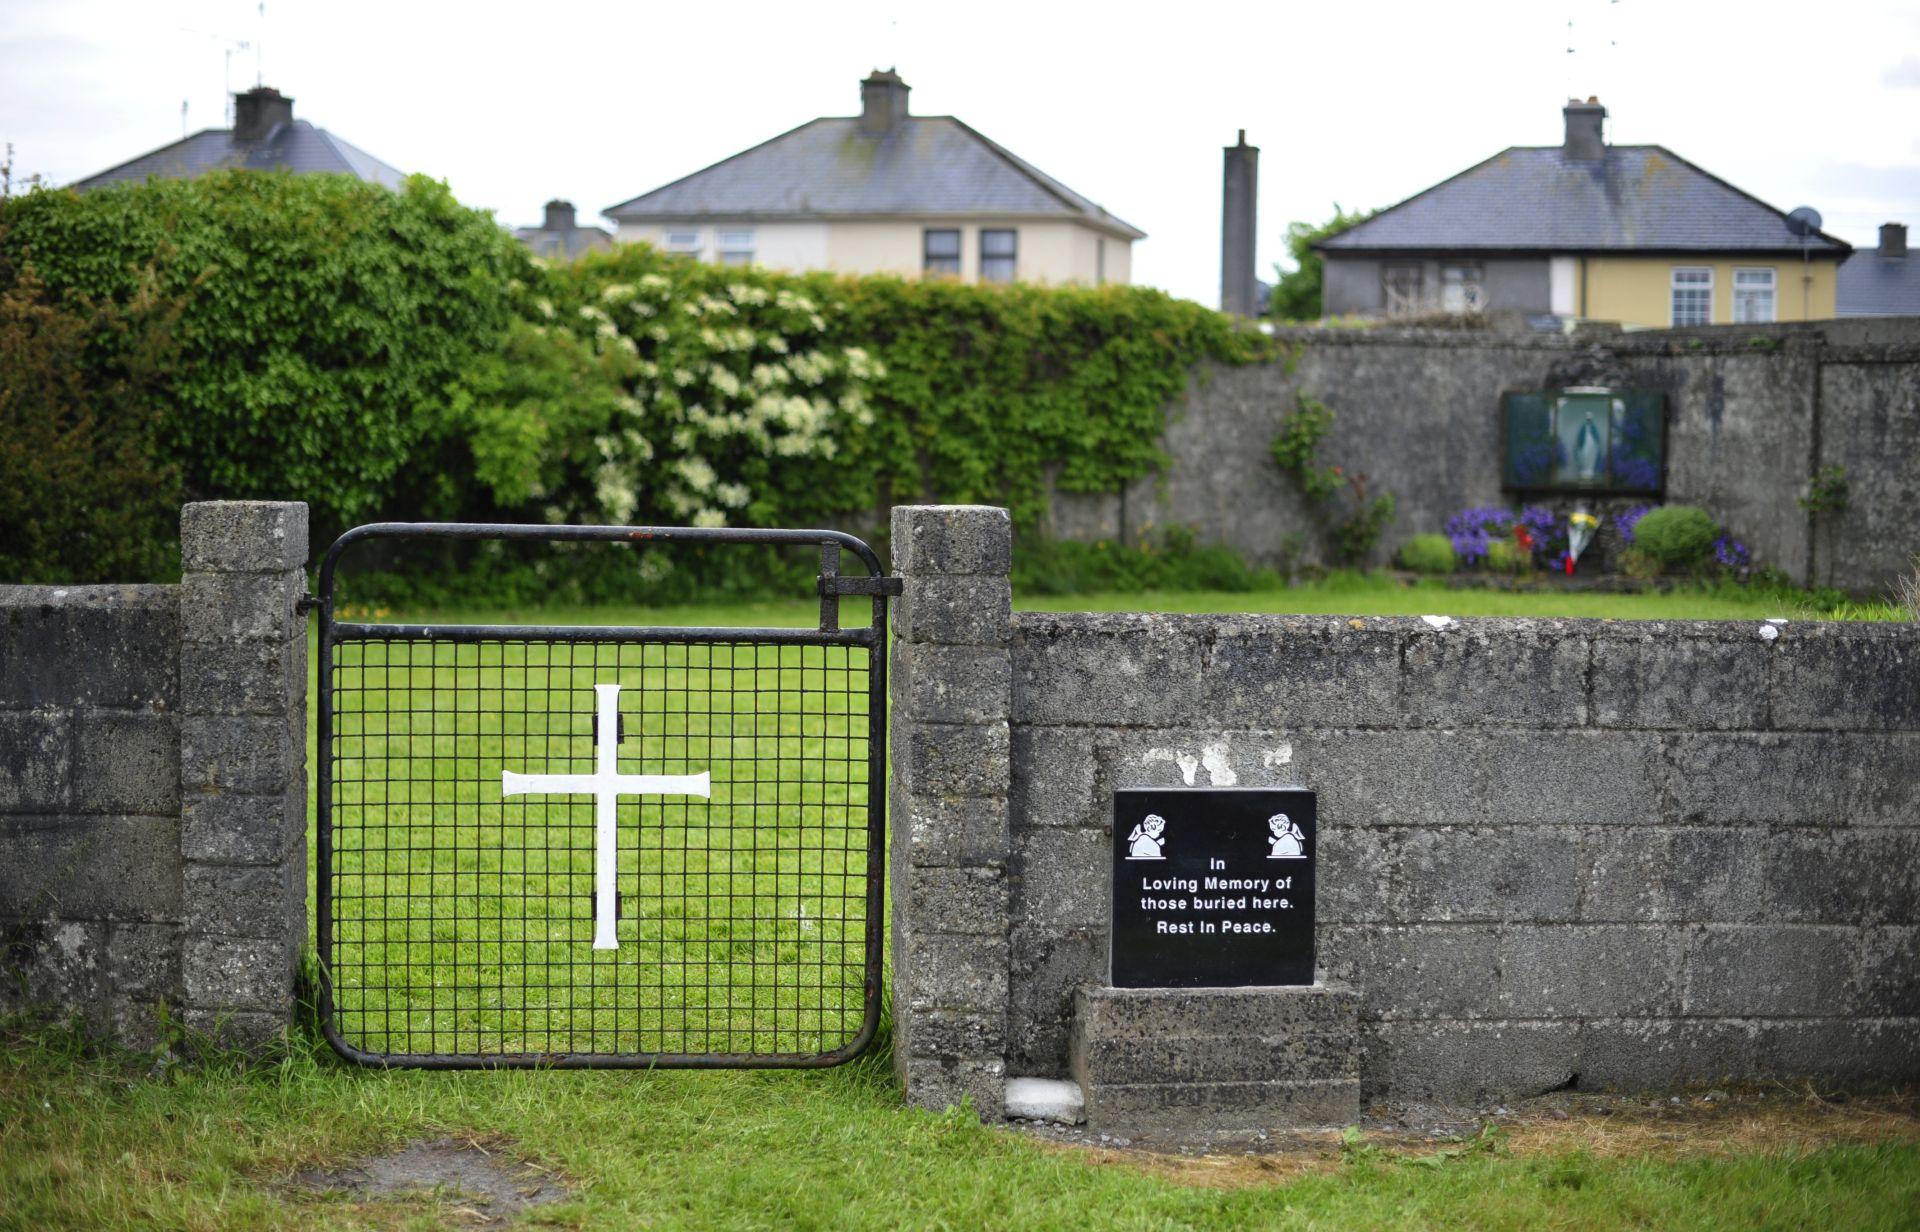 STRAVA U IRSKOJ: Ostaci trupala oko 800 beba pronađeni u crkvenom utočištu